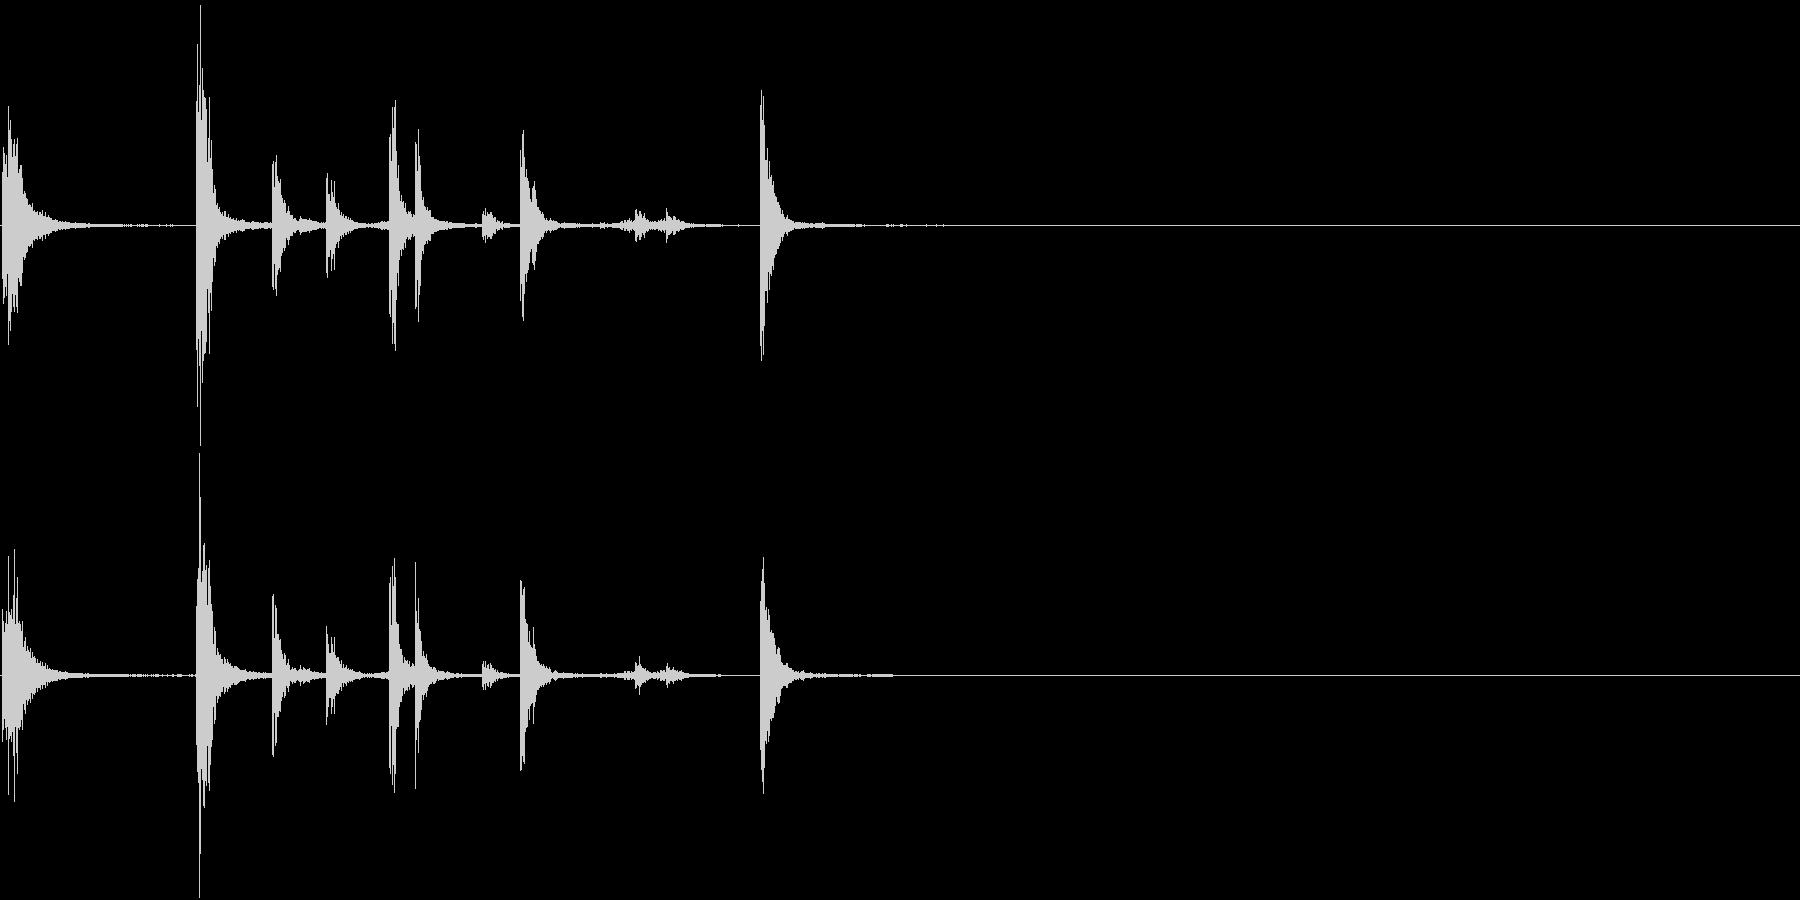 【生録音】手錠の音 カチャカチャ 1の未再生の波形